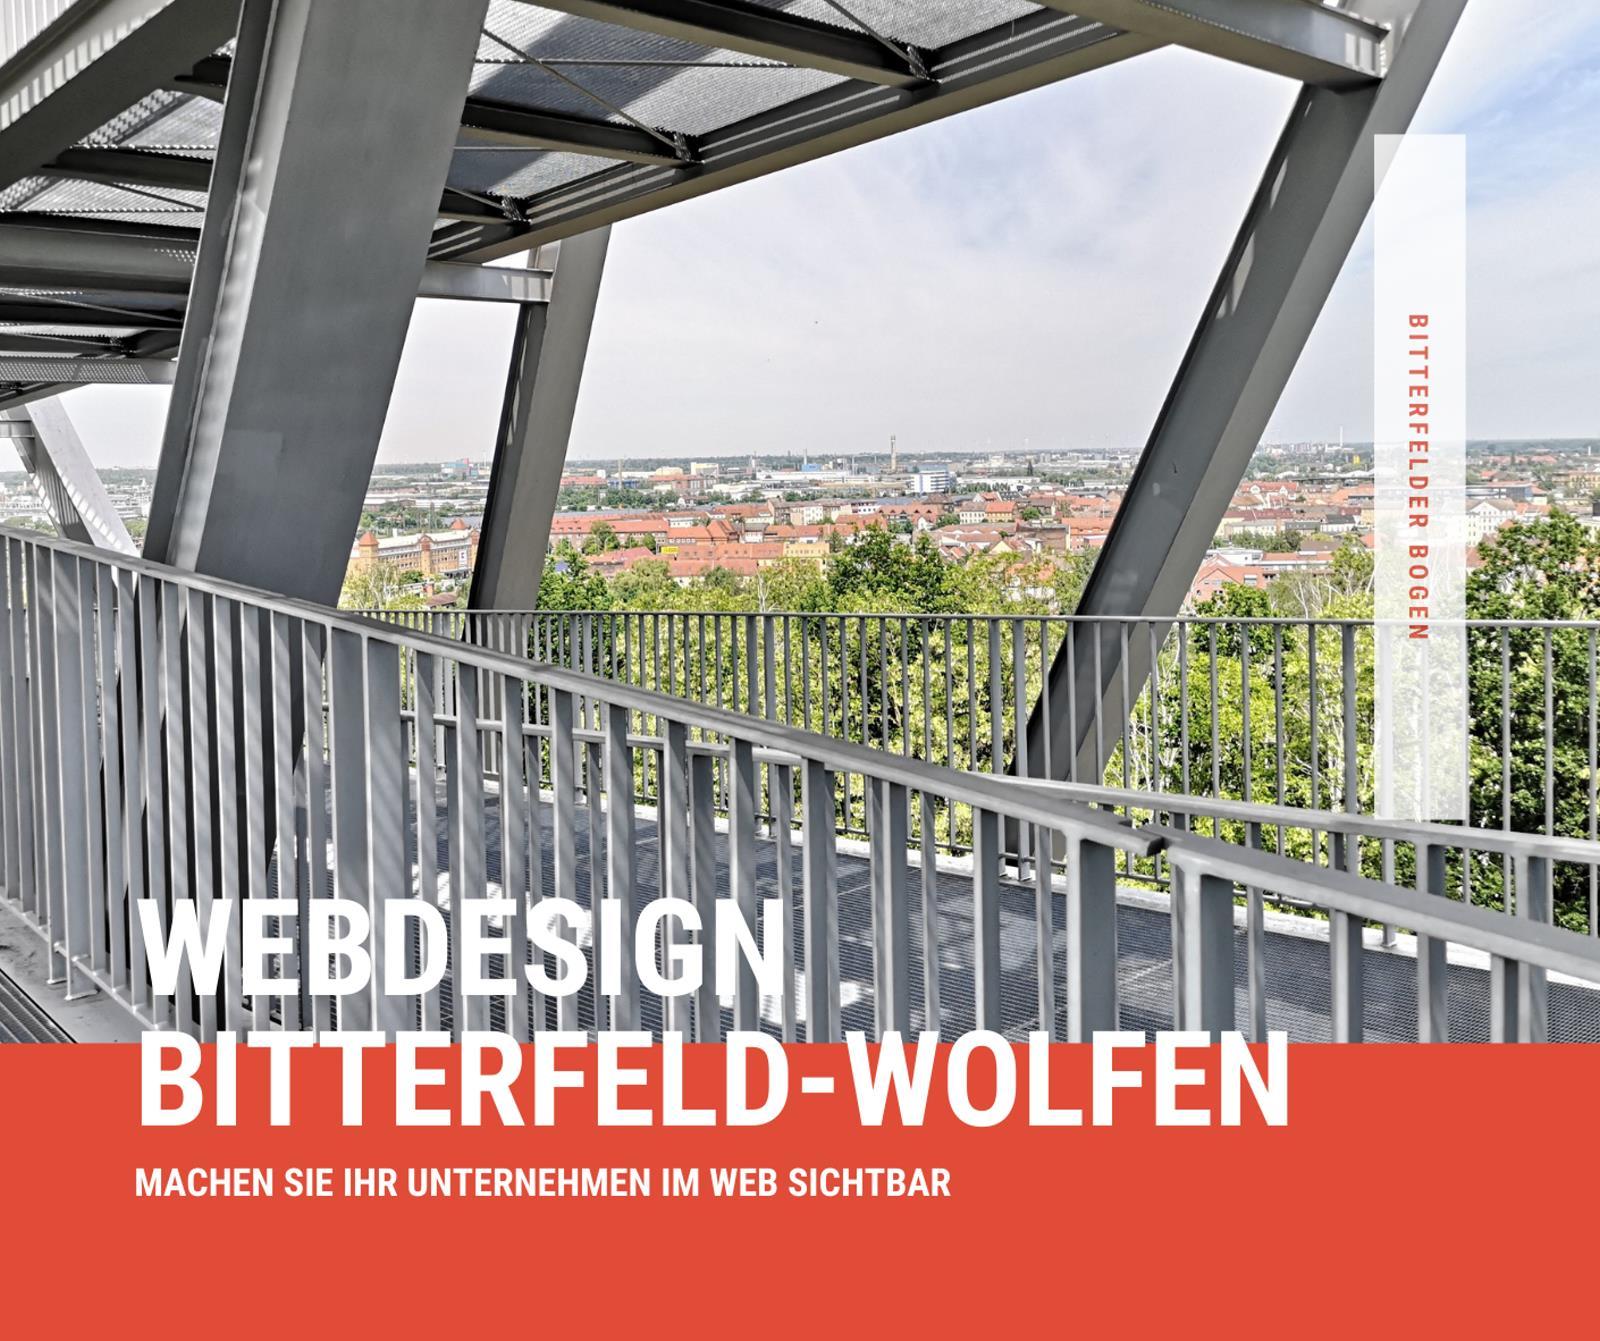 Webdesign Bitterfeld-Wolfen